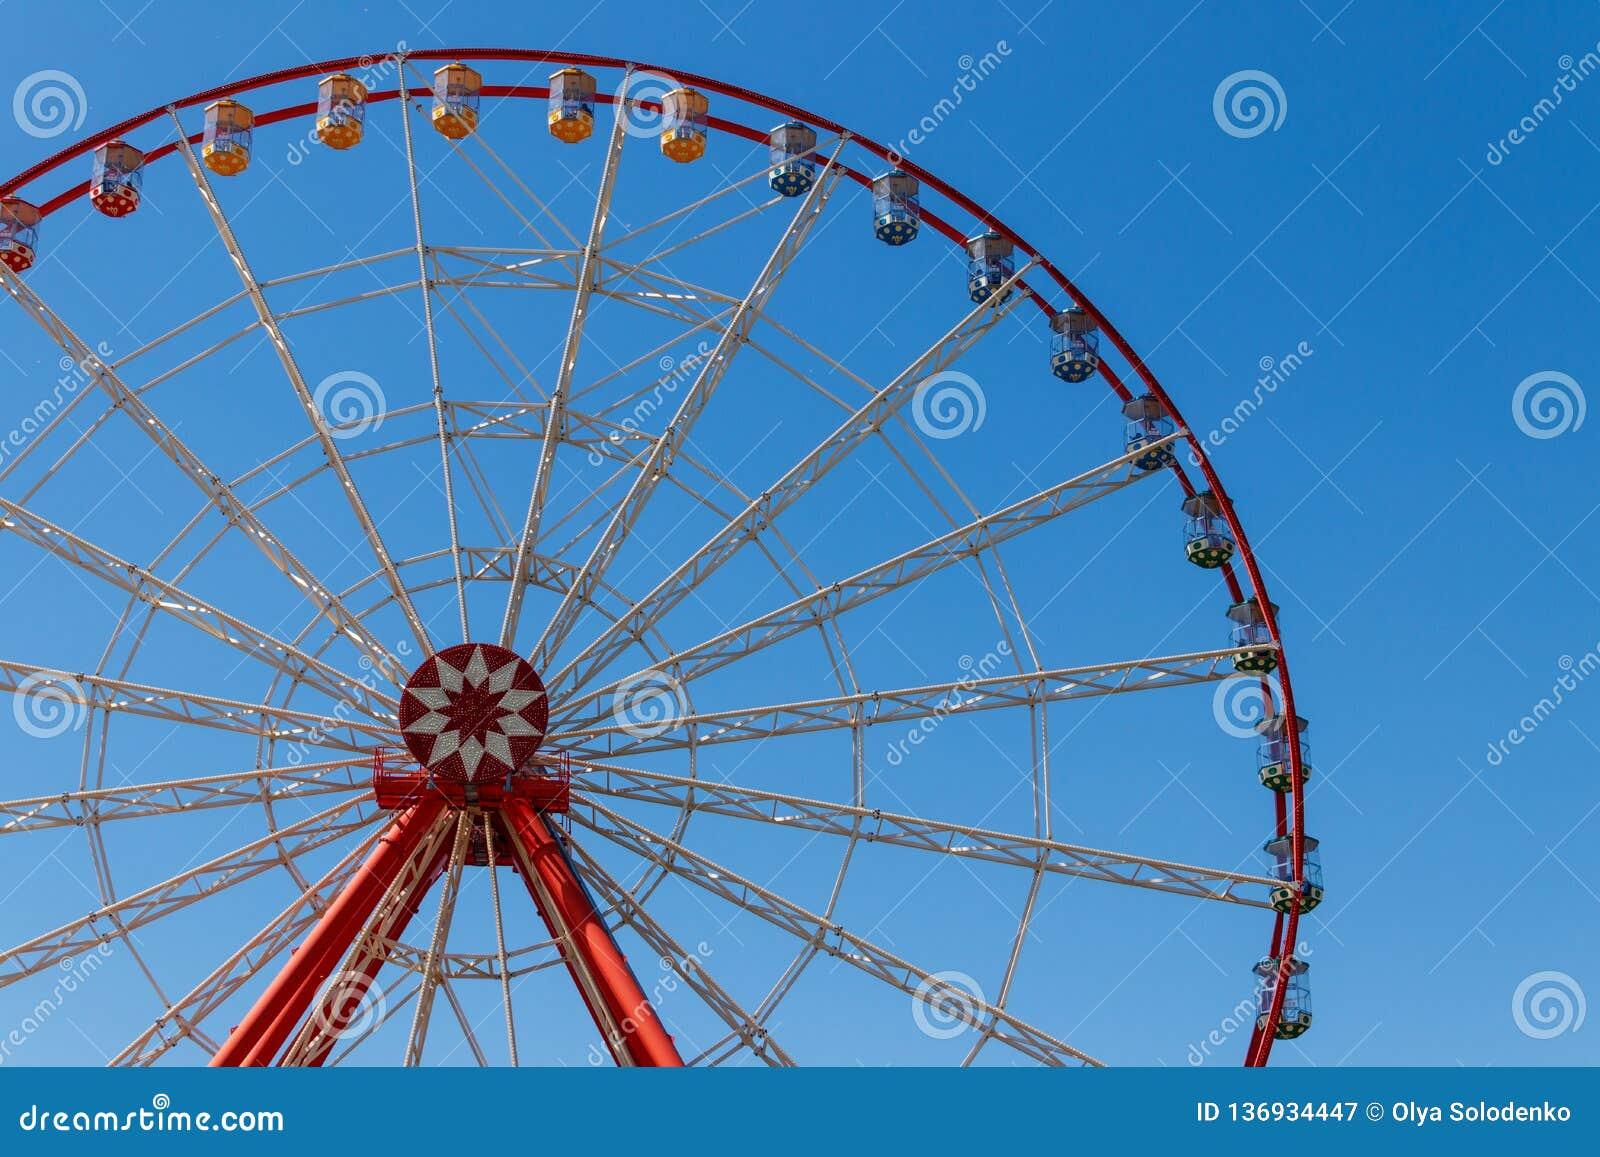 Roda de Ferris no fundo do céu azul no parque de Gorky Kharkov, Ucrânia